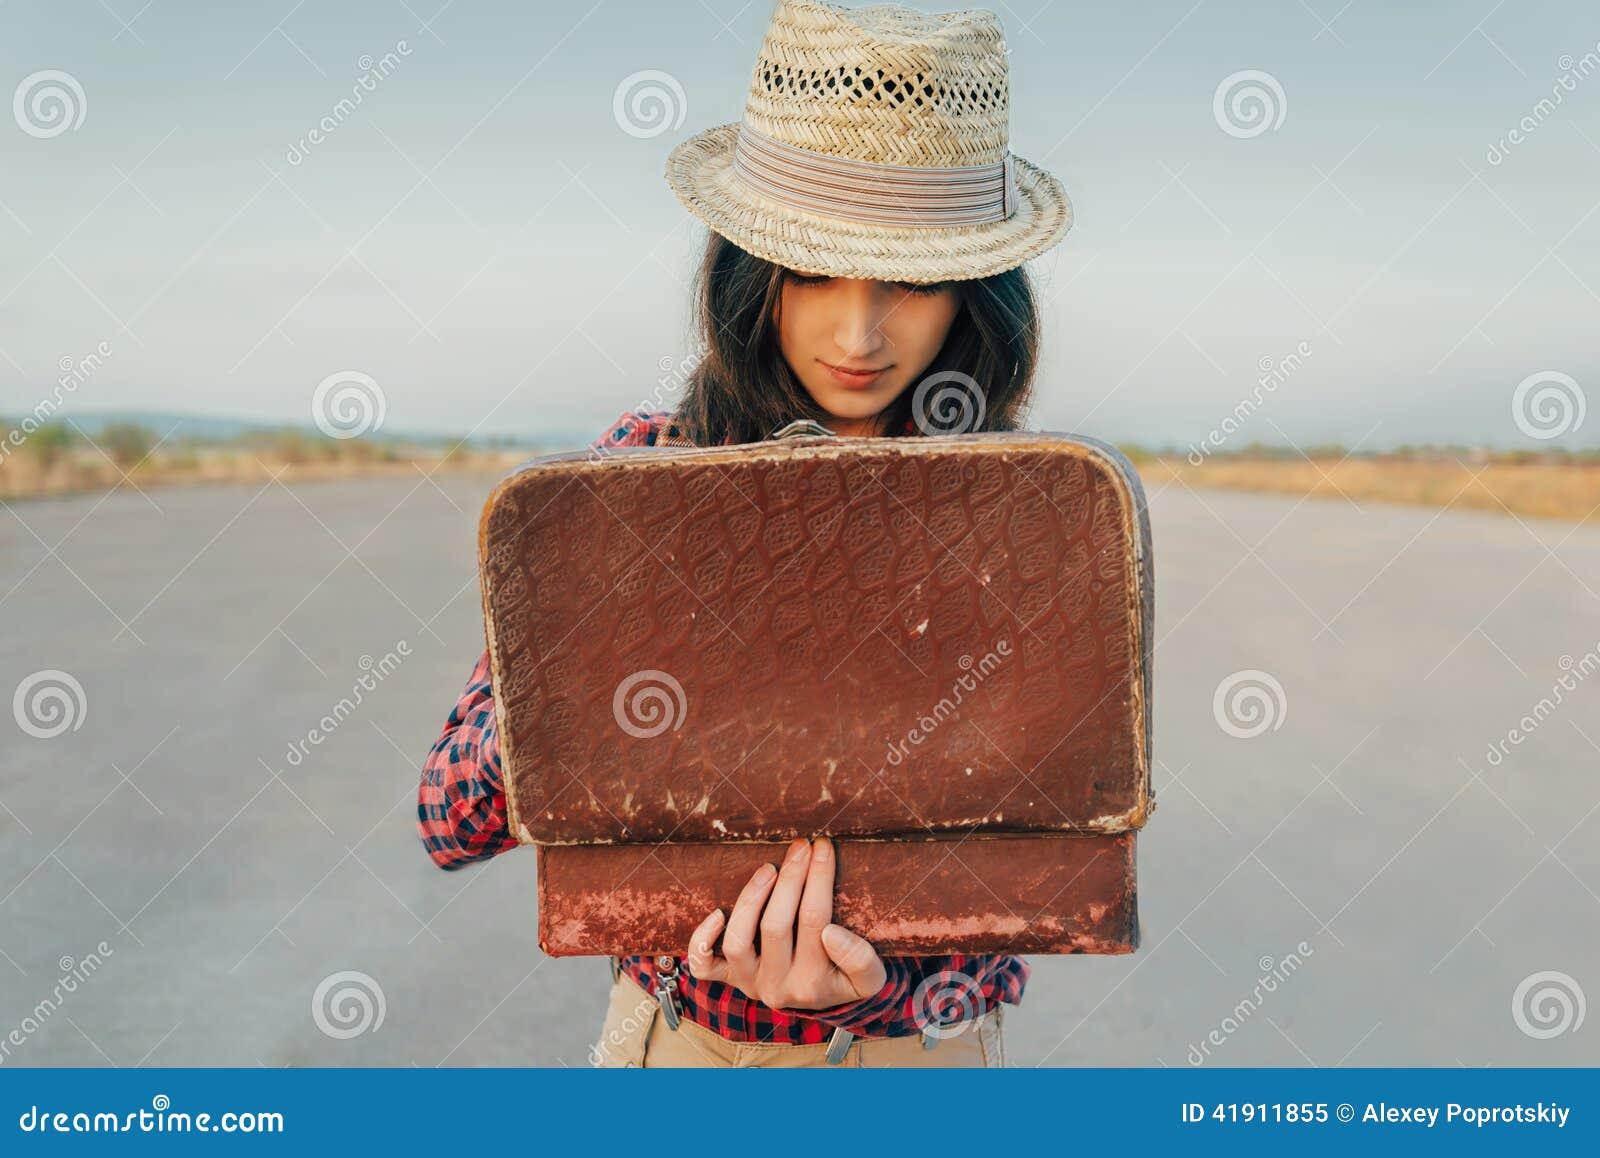 Mujer que busca algo en maleta